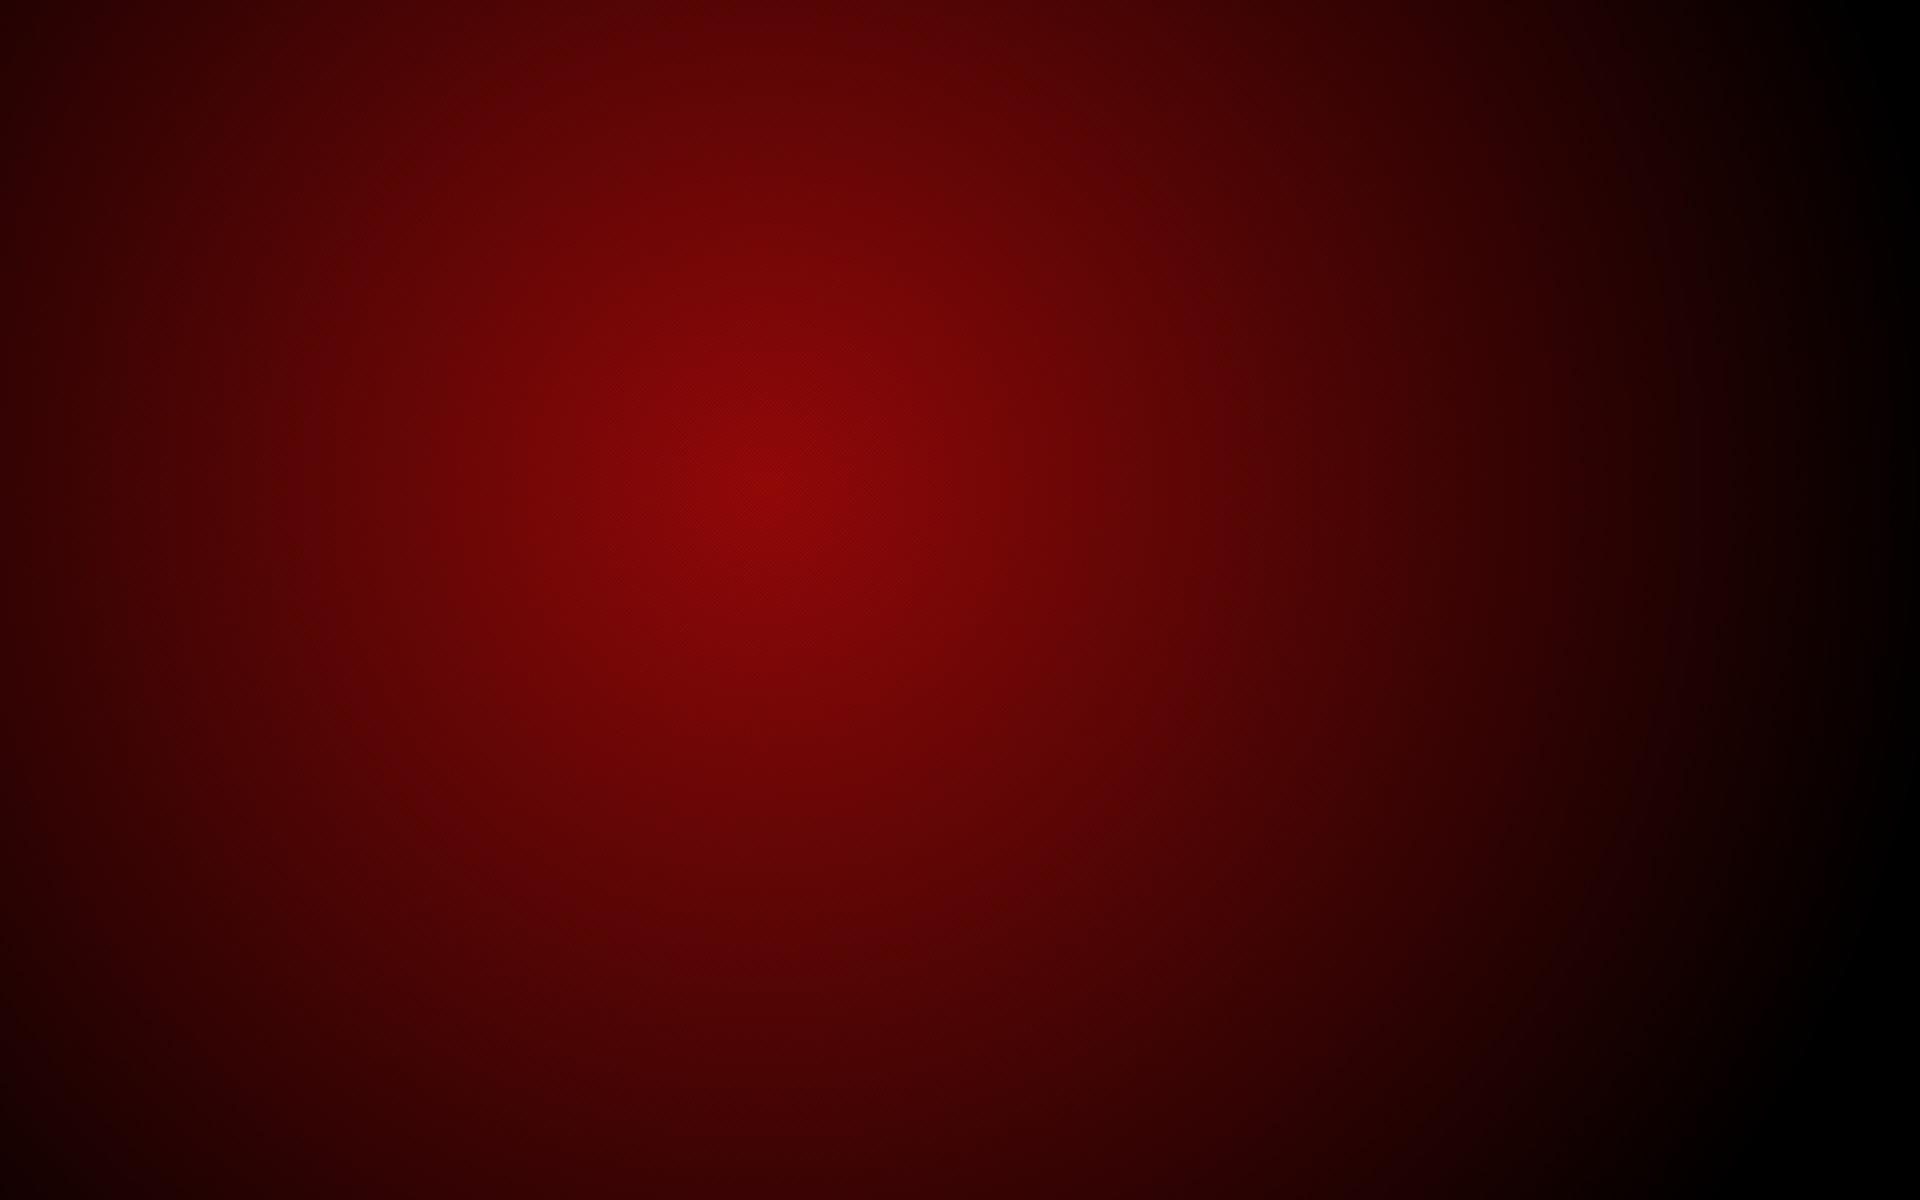 1920x1200 Red Gradient Wallpaper